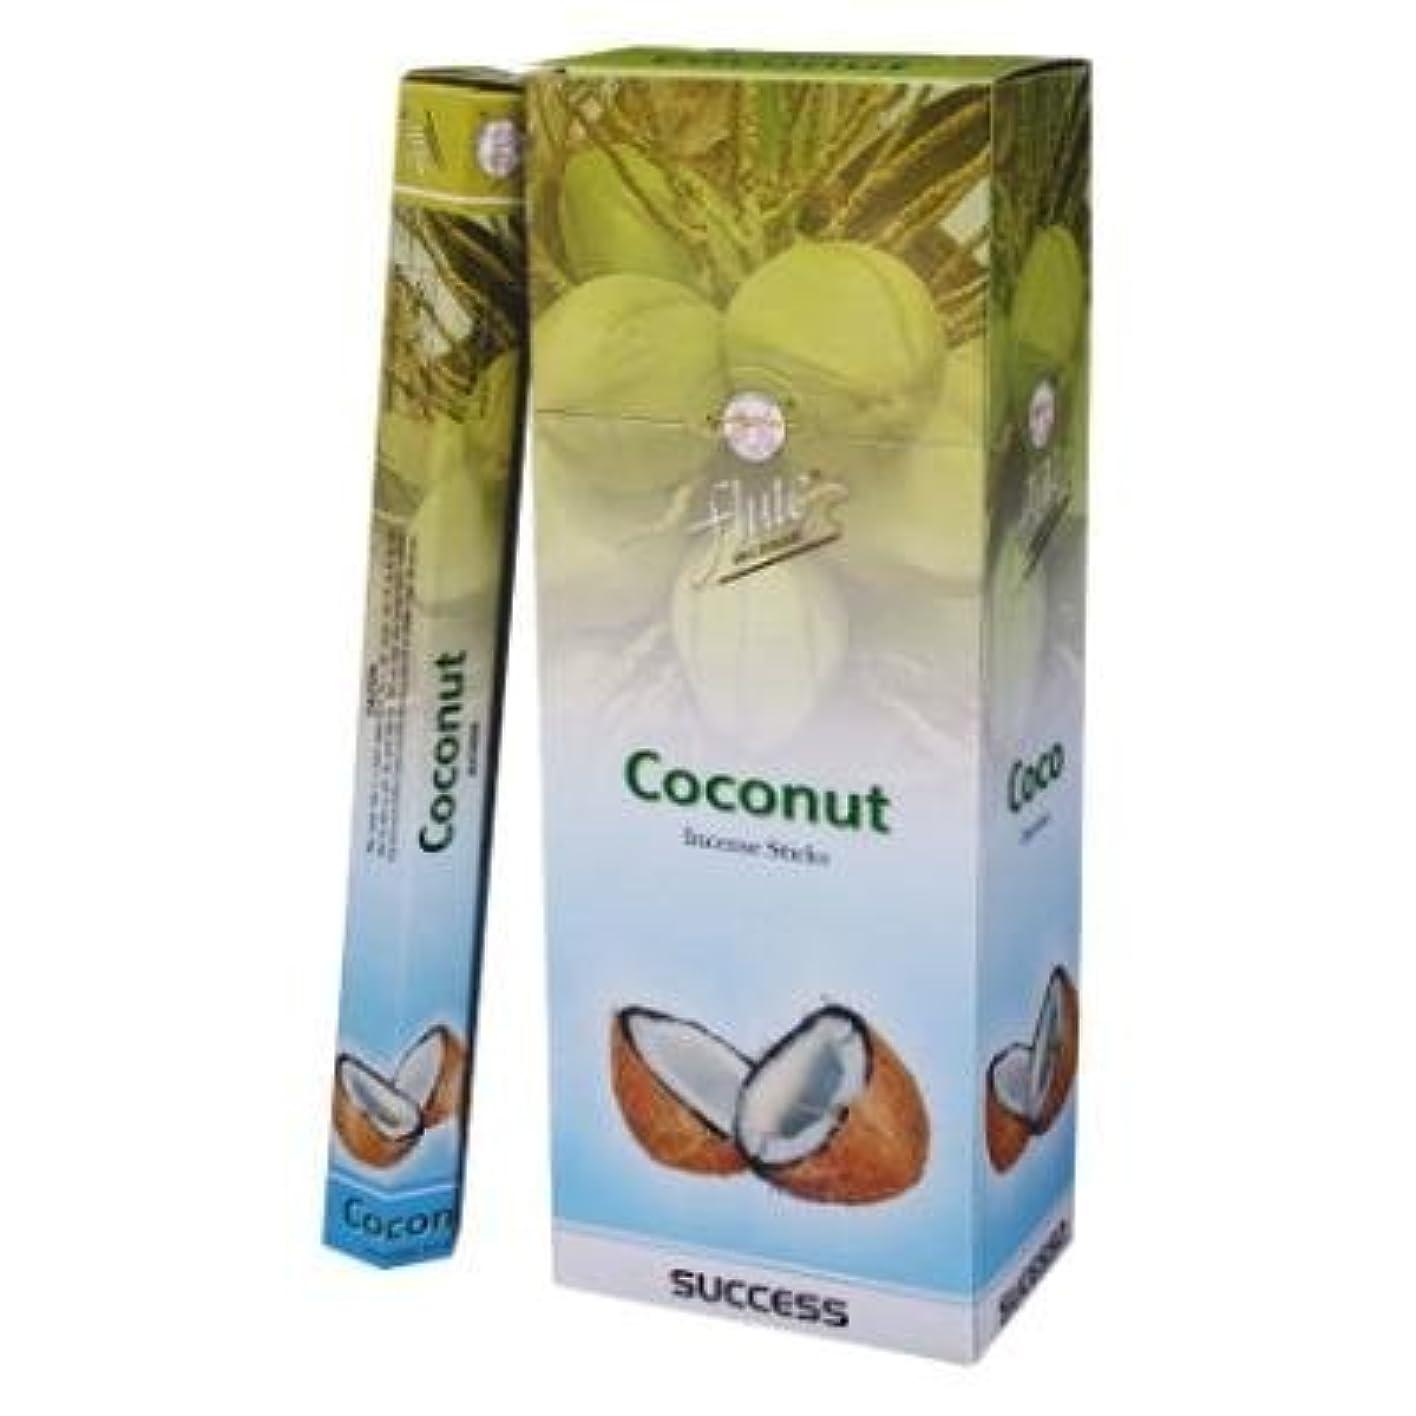 旅行者聞く元気Flute Coconut Hex Incense Sticks - 20 Sticks(Single Pack) by Flute Incense [並行輸入品]